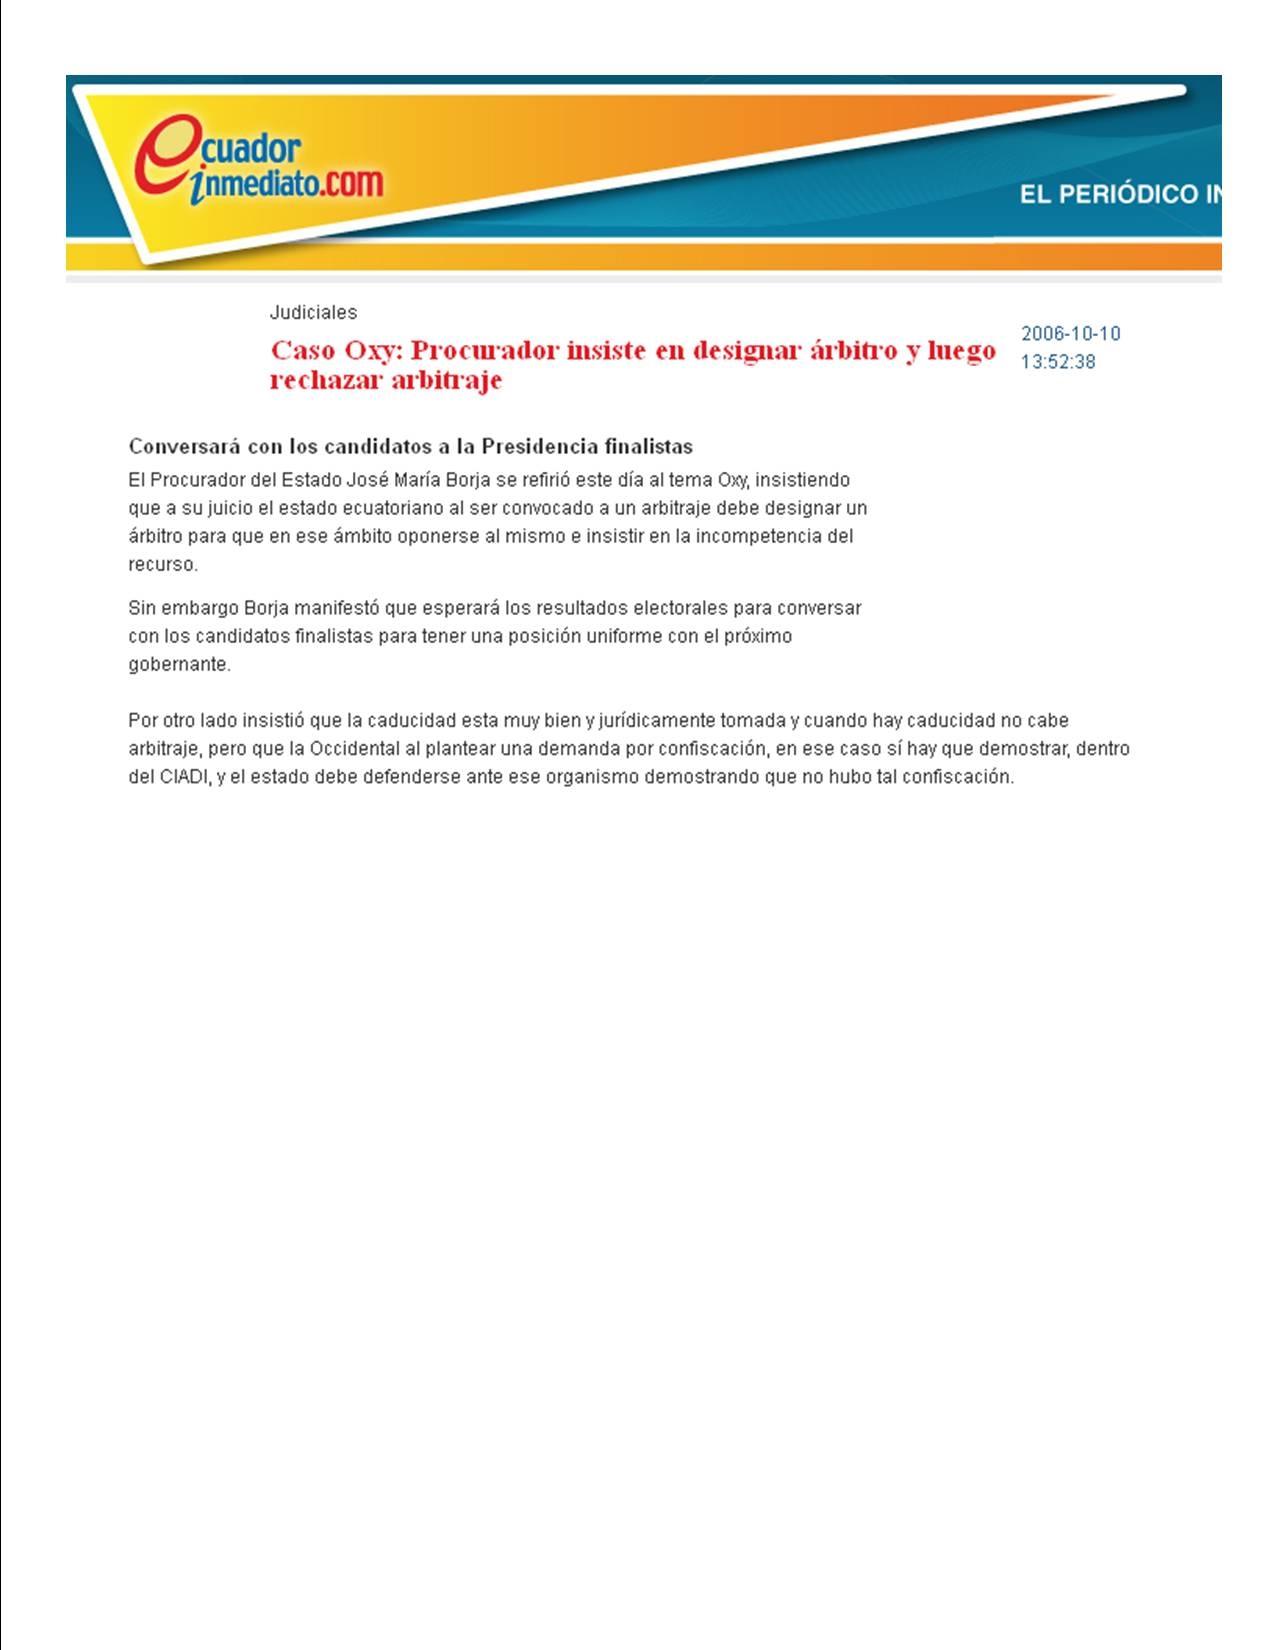 20-2006-10-10-Ecuadorinmediato